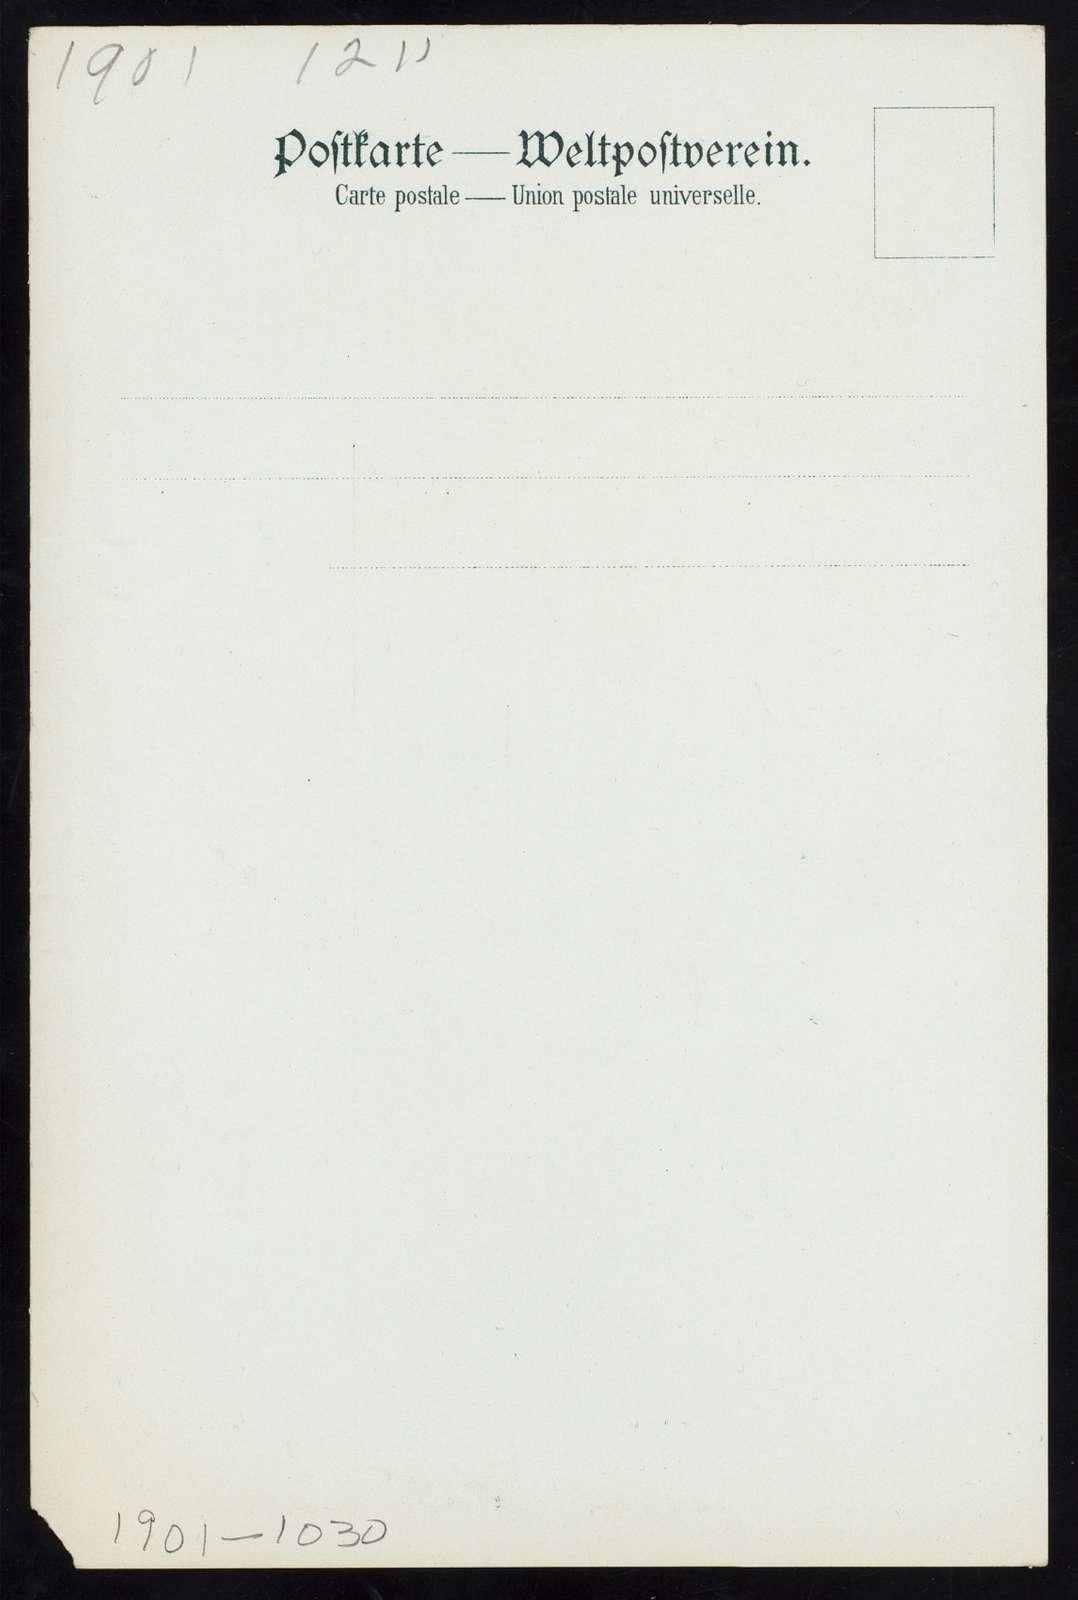 LUNCH [held by] NORDDEUTSCHER LLOYD BREMEN [at] EN ROUTE ABOARD DAMPFER BARBAROSSA (SS;)